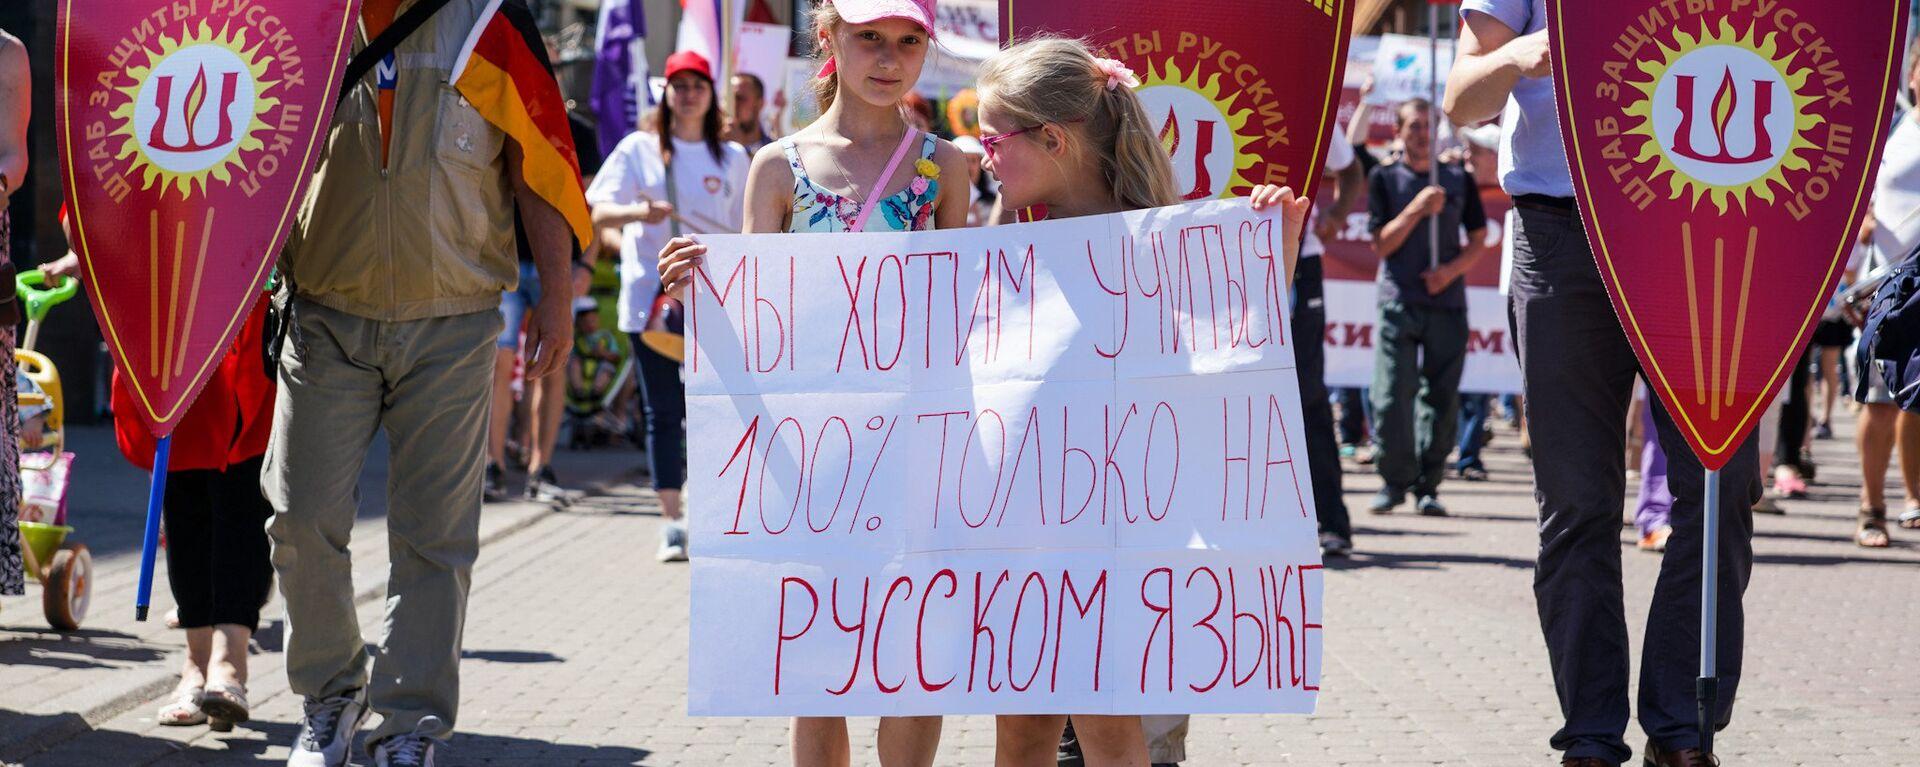 Акция в защиту русских школ в Риге. 2 июня 2018 г. - Sputnik Латвия, 1920, 04.03.2021